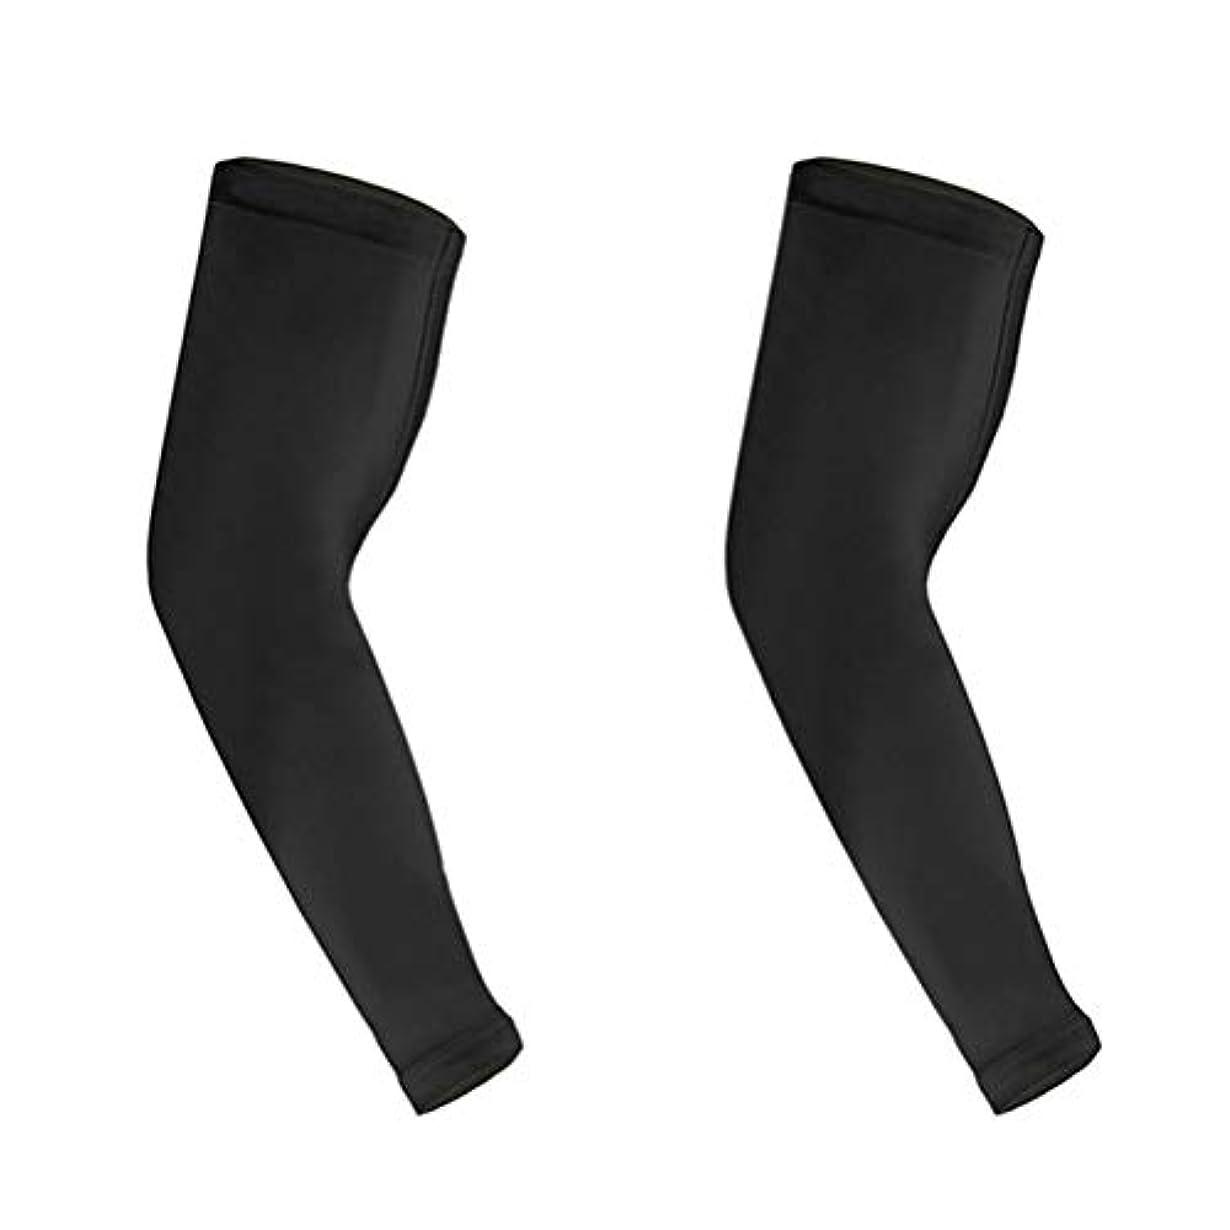 エキサイティング受取人アスペクトHEALIFTY 男性用スポーツアームスリーブ肘袖ロング肘サポートスリーブM 2本(ブラック)